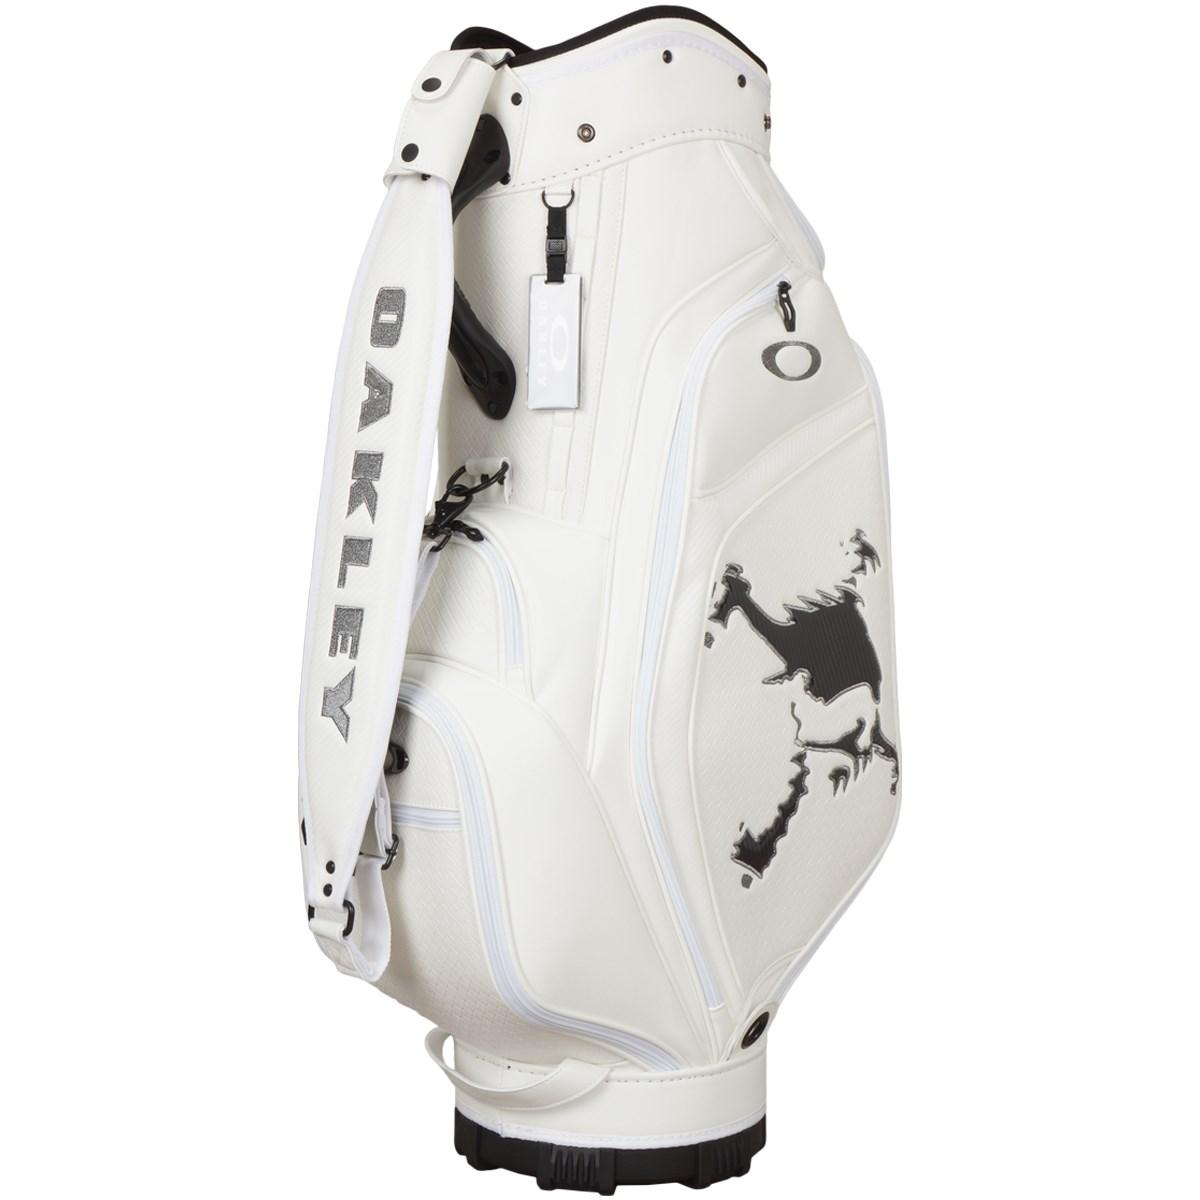 オークリー Skull スカル ゴルフ キャディバッグ 13.0 ホワイト